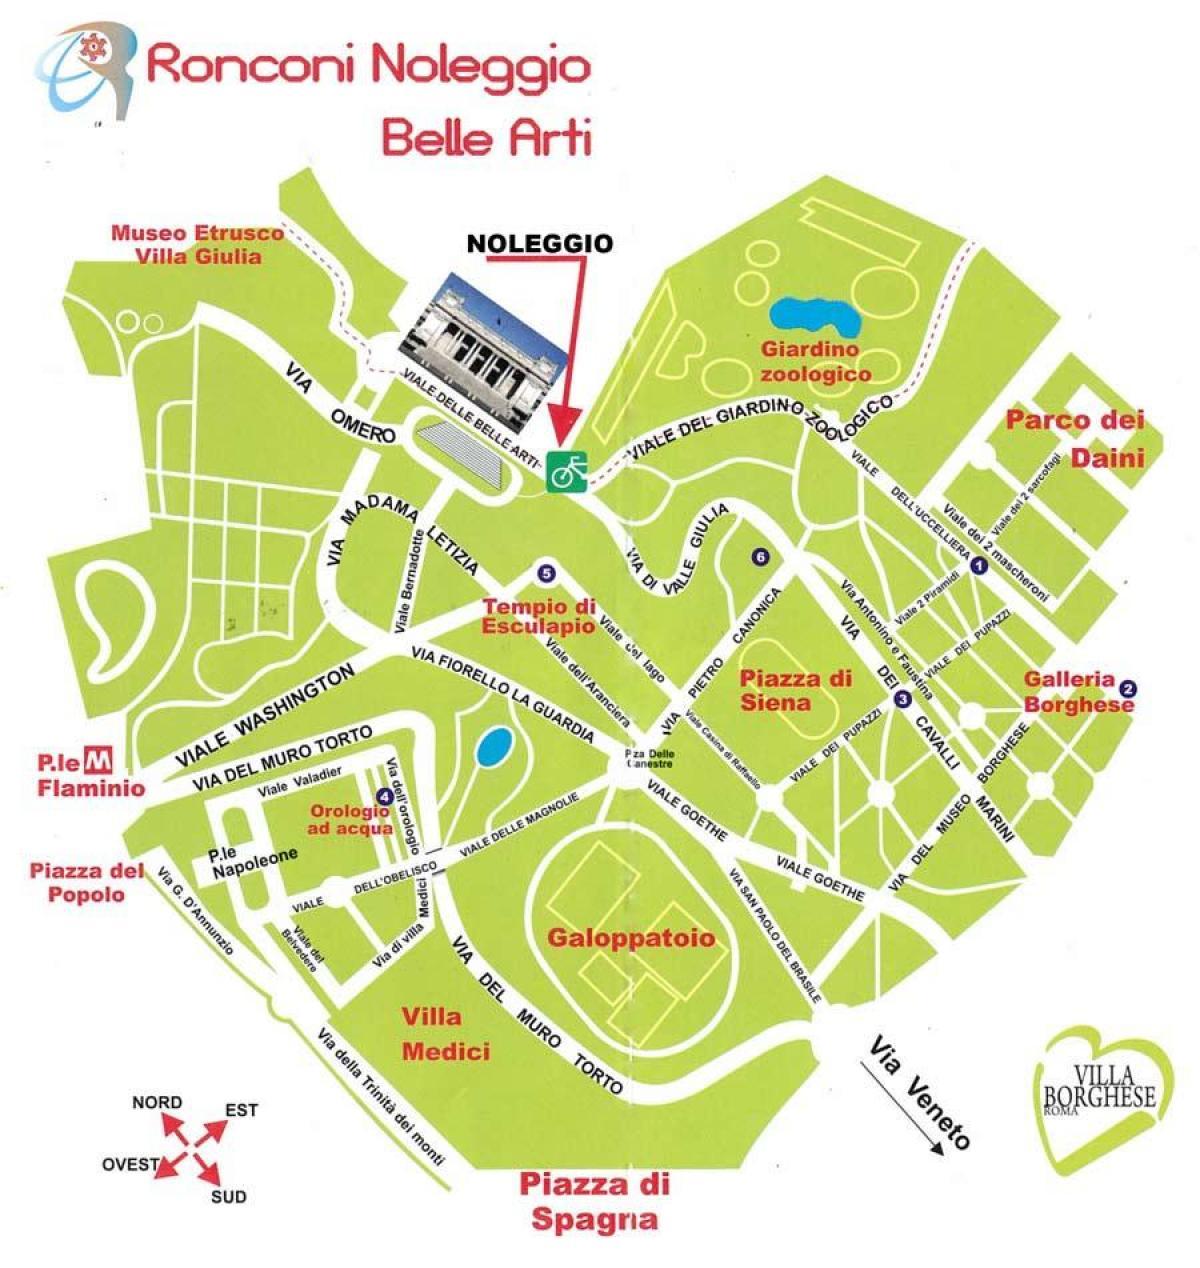 Cartina Di Villa Borghese Roma.Villa Borghese Mappa Borghese Mappa Lazio Italia